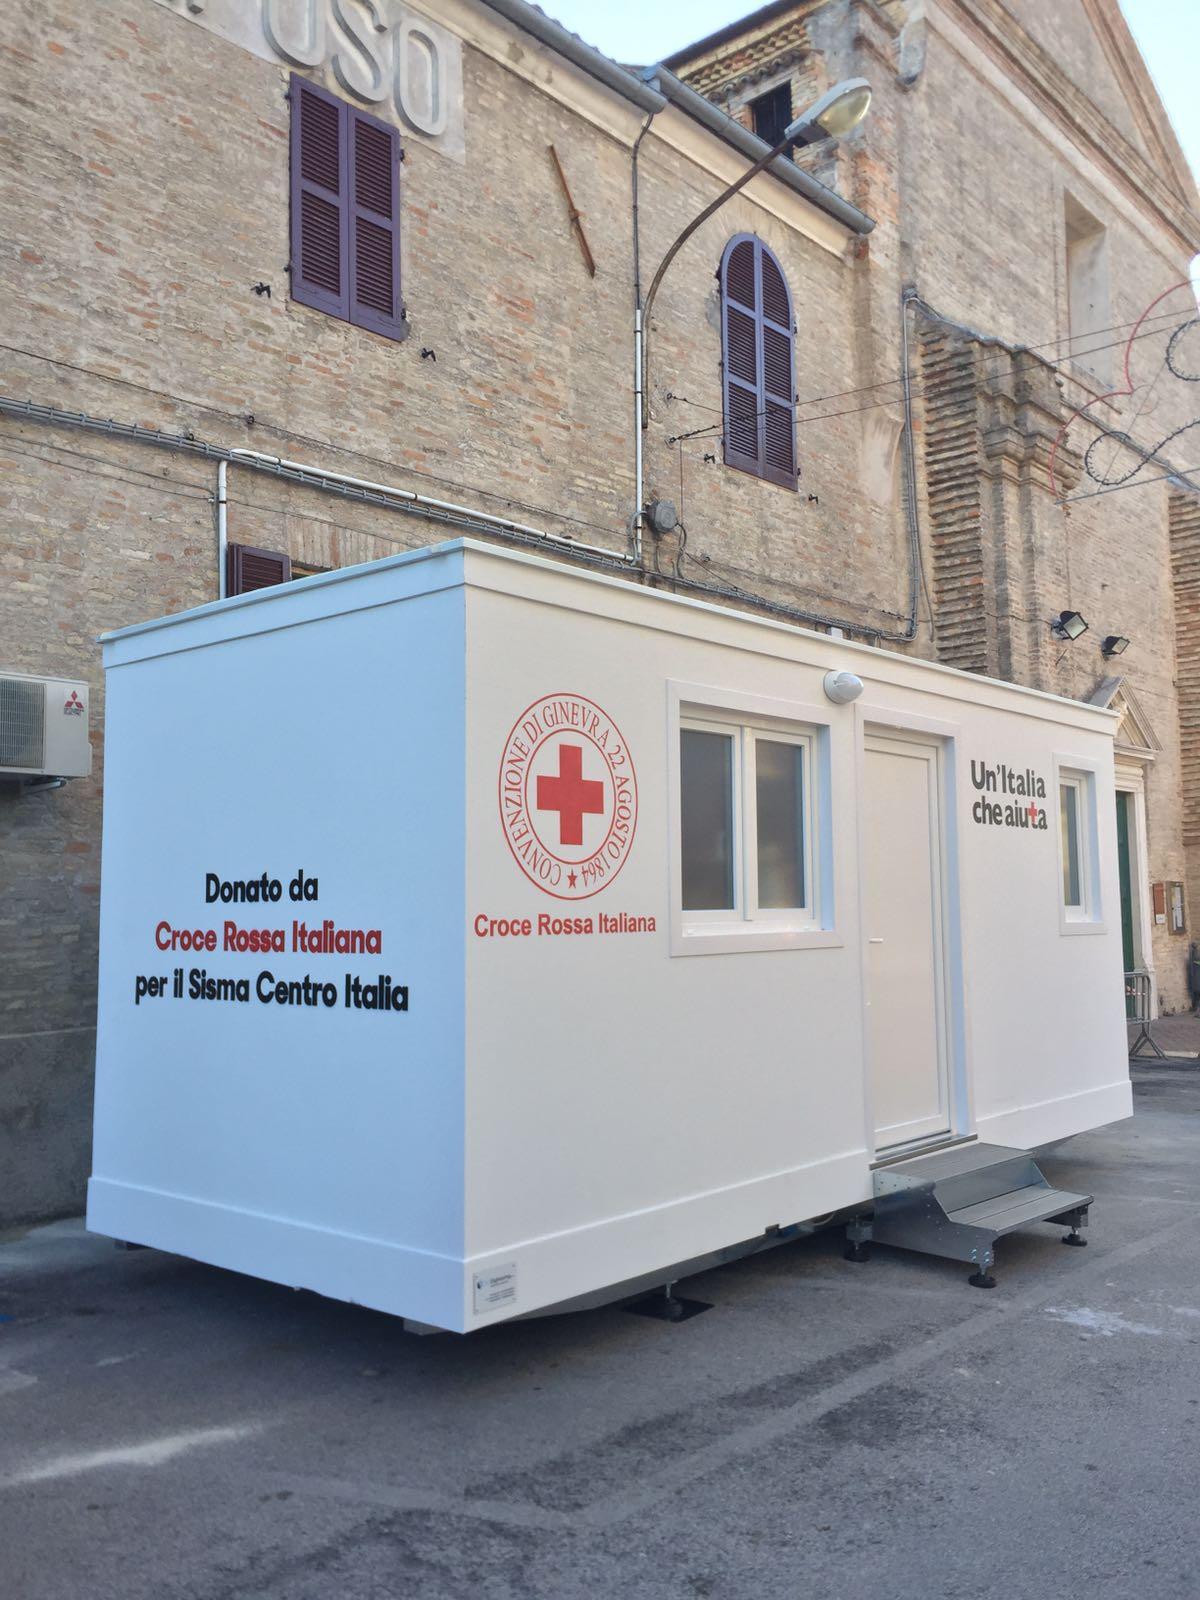 Casette terremoto centro italia bm impianti (3)